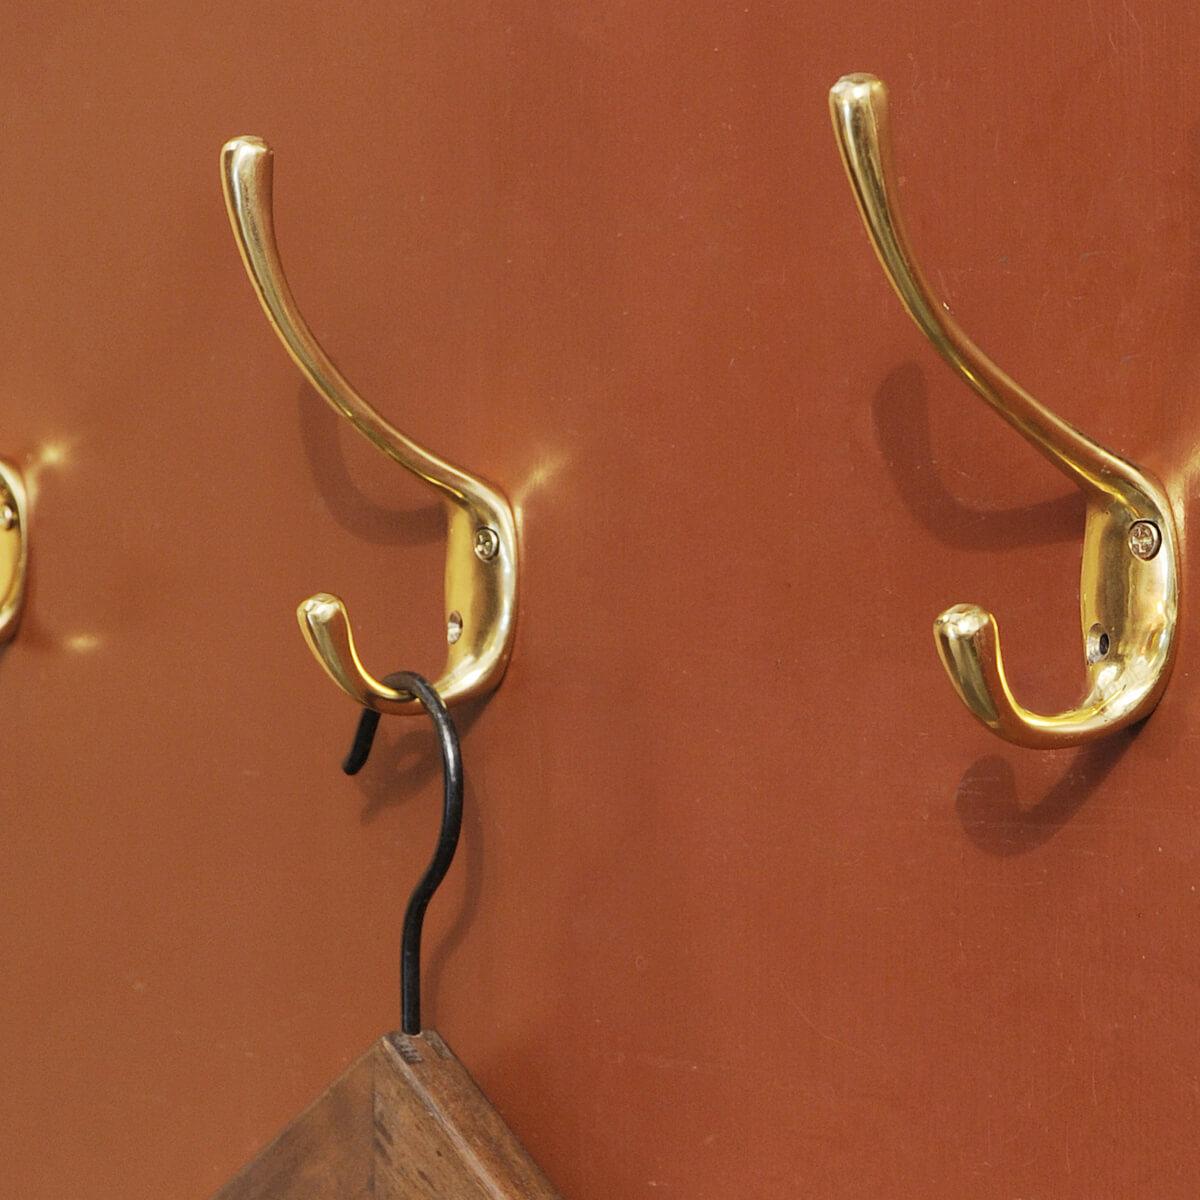 真鍮 ブラス ウォール フック 壁掛け メーカー直送 壁 百貨店 ハンガー ハンギング DIY クラシック ポリッシュダブルフック レトロ アンティーク調 ポリッシュブラスダブルフック 壁付 アンティーク風 ヴィンテージ